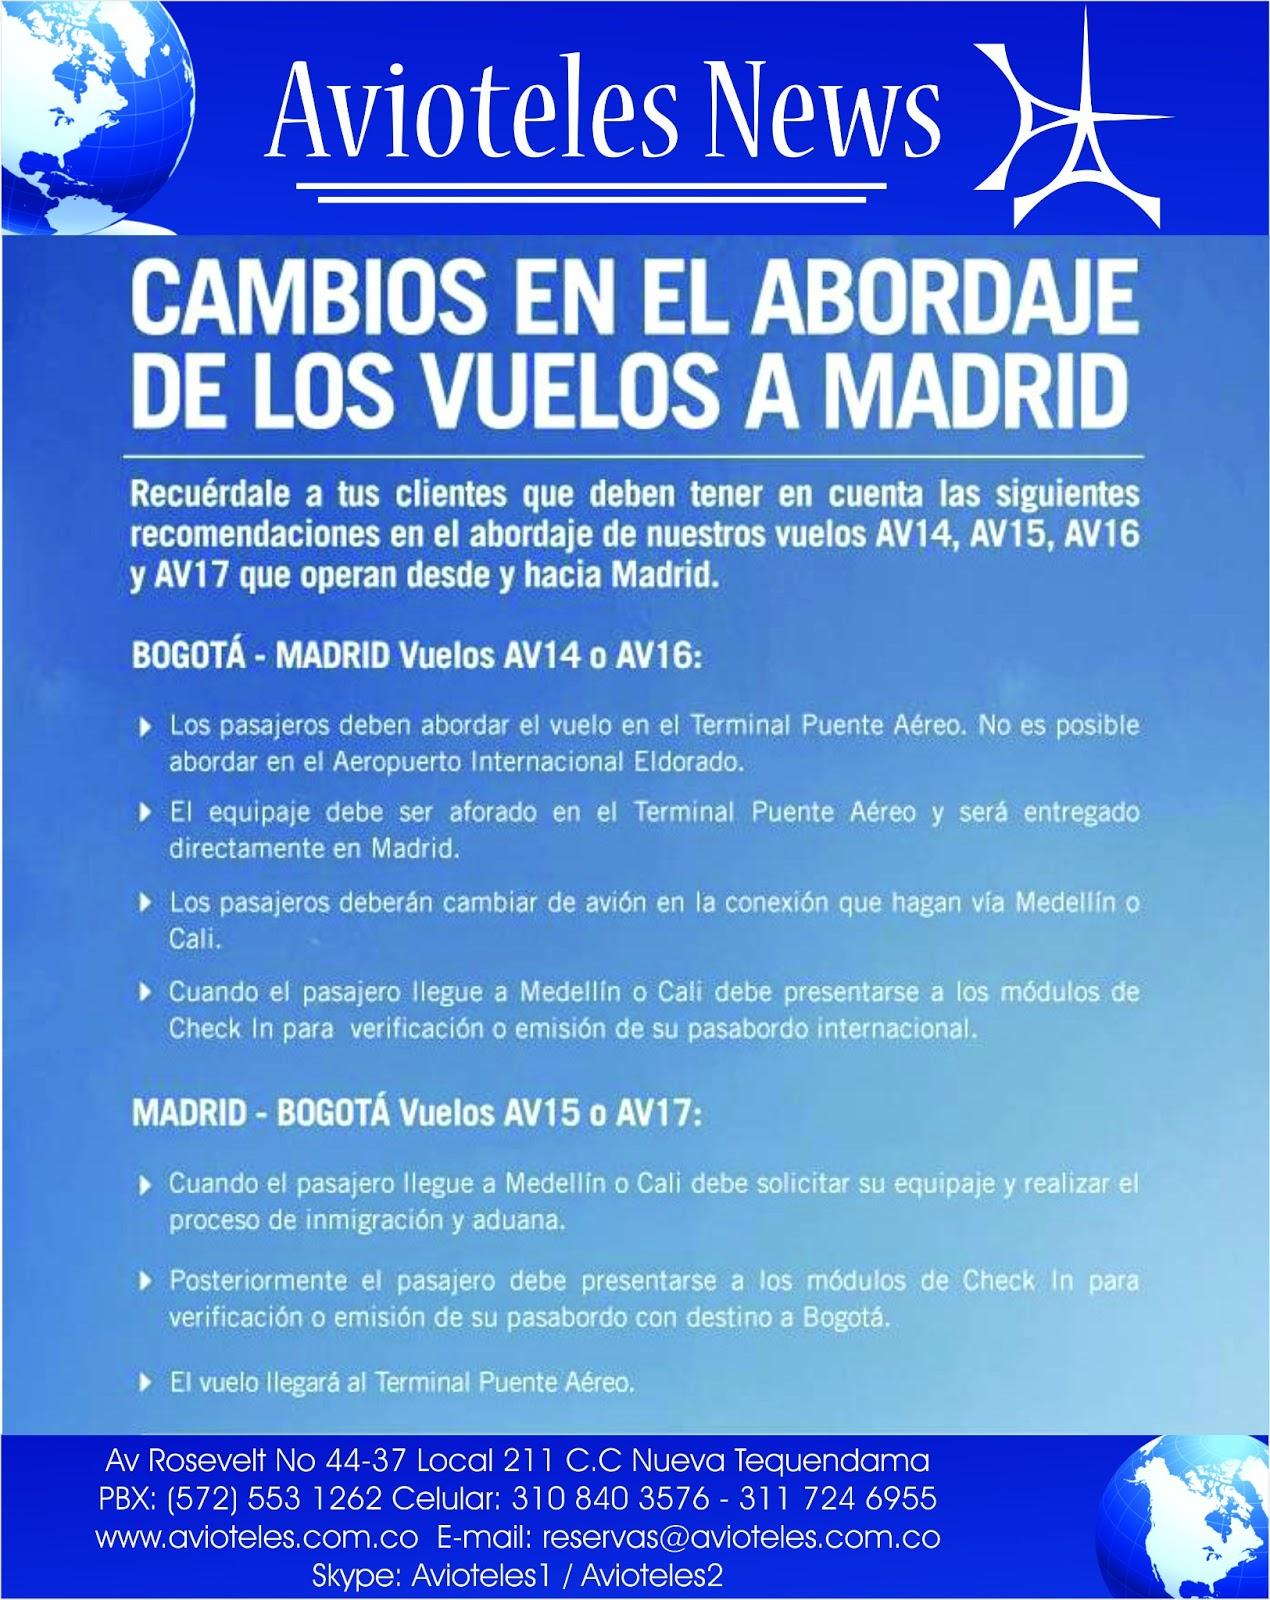 Avioteles su agencia de turismo y viajes informaci n for Agencia turismo madrid